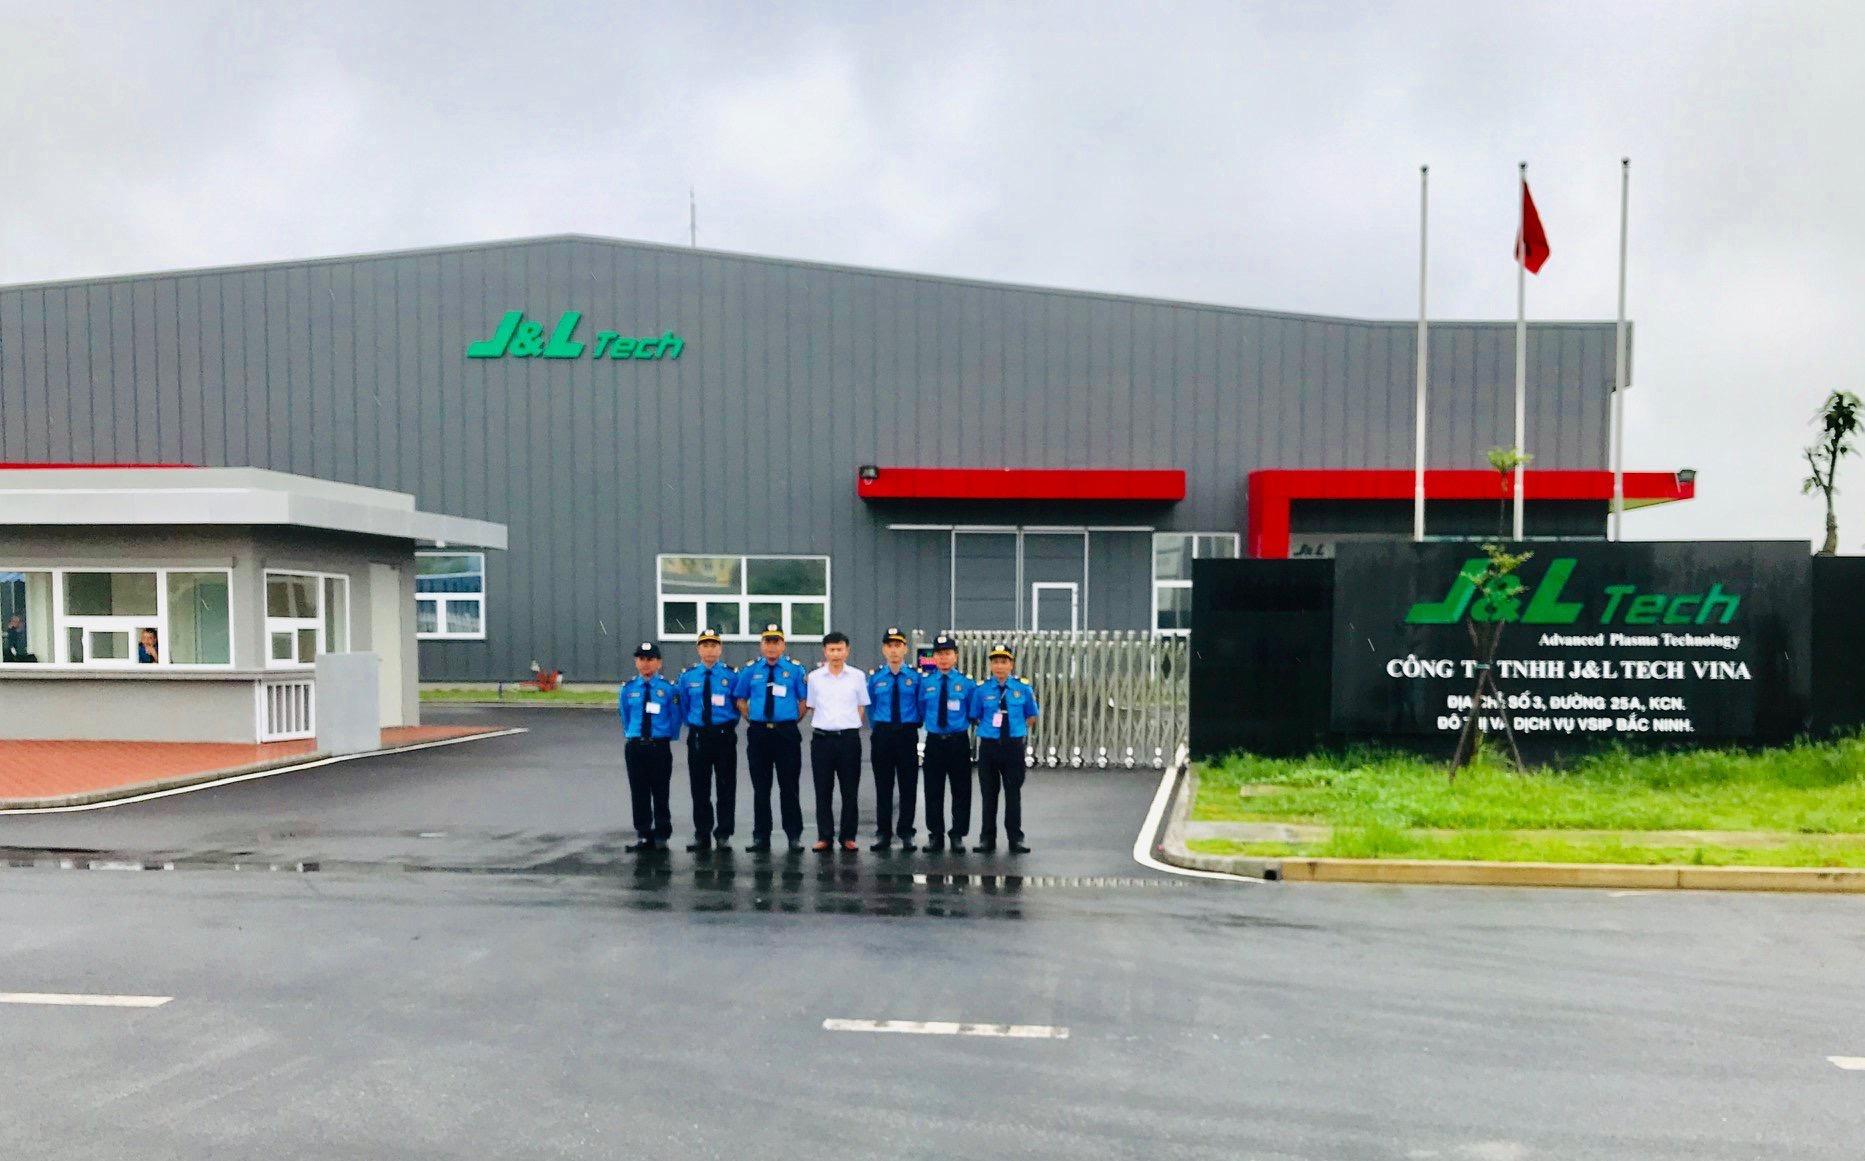 Triển khai dịch vụ bảo vệ chuyên nghiệp tại Công ty TNHH J&L TECH VINA  tại KCN VSIP Bắc Ninh